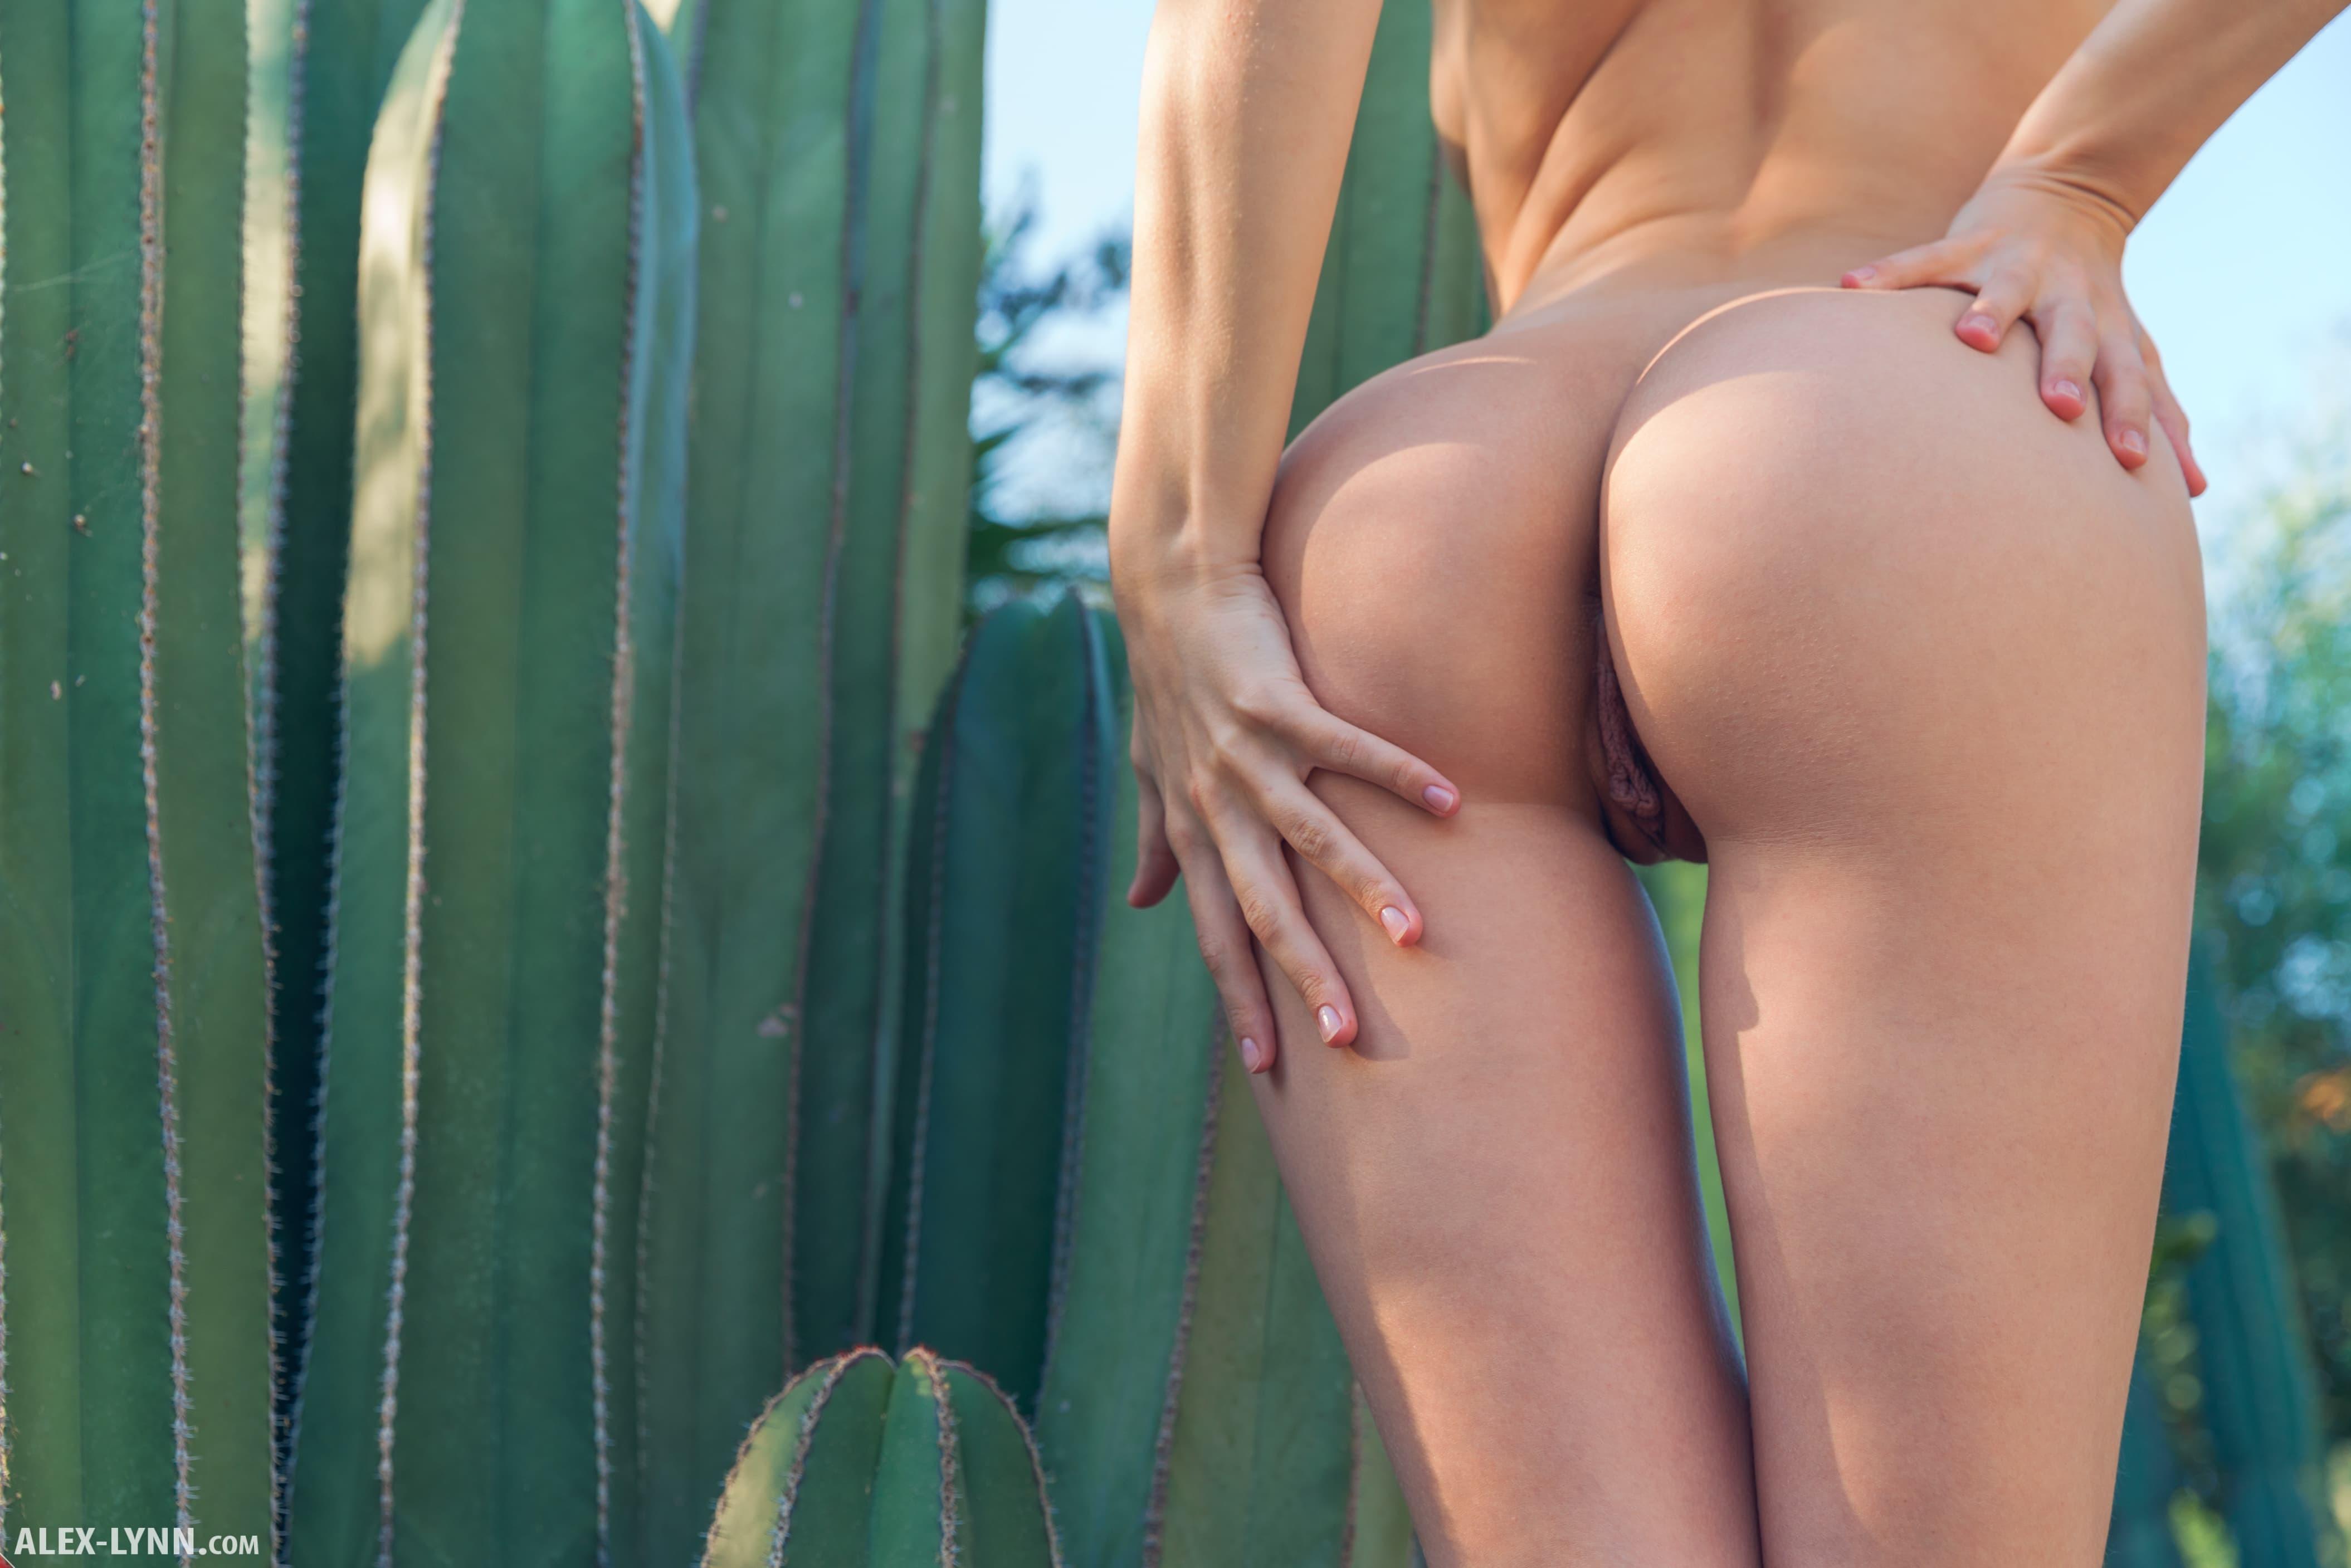 Красавица с круглой аккуратной попкой - фото